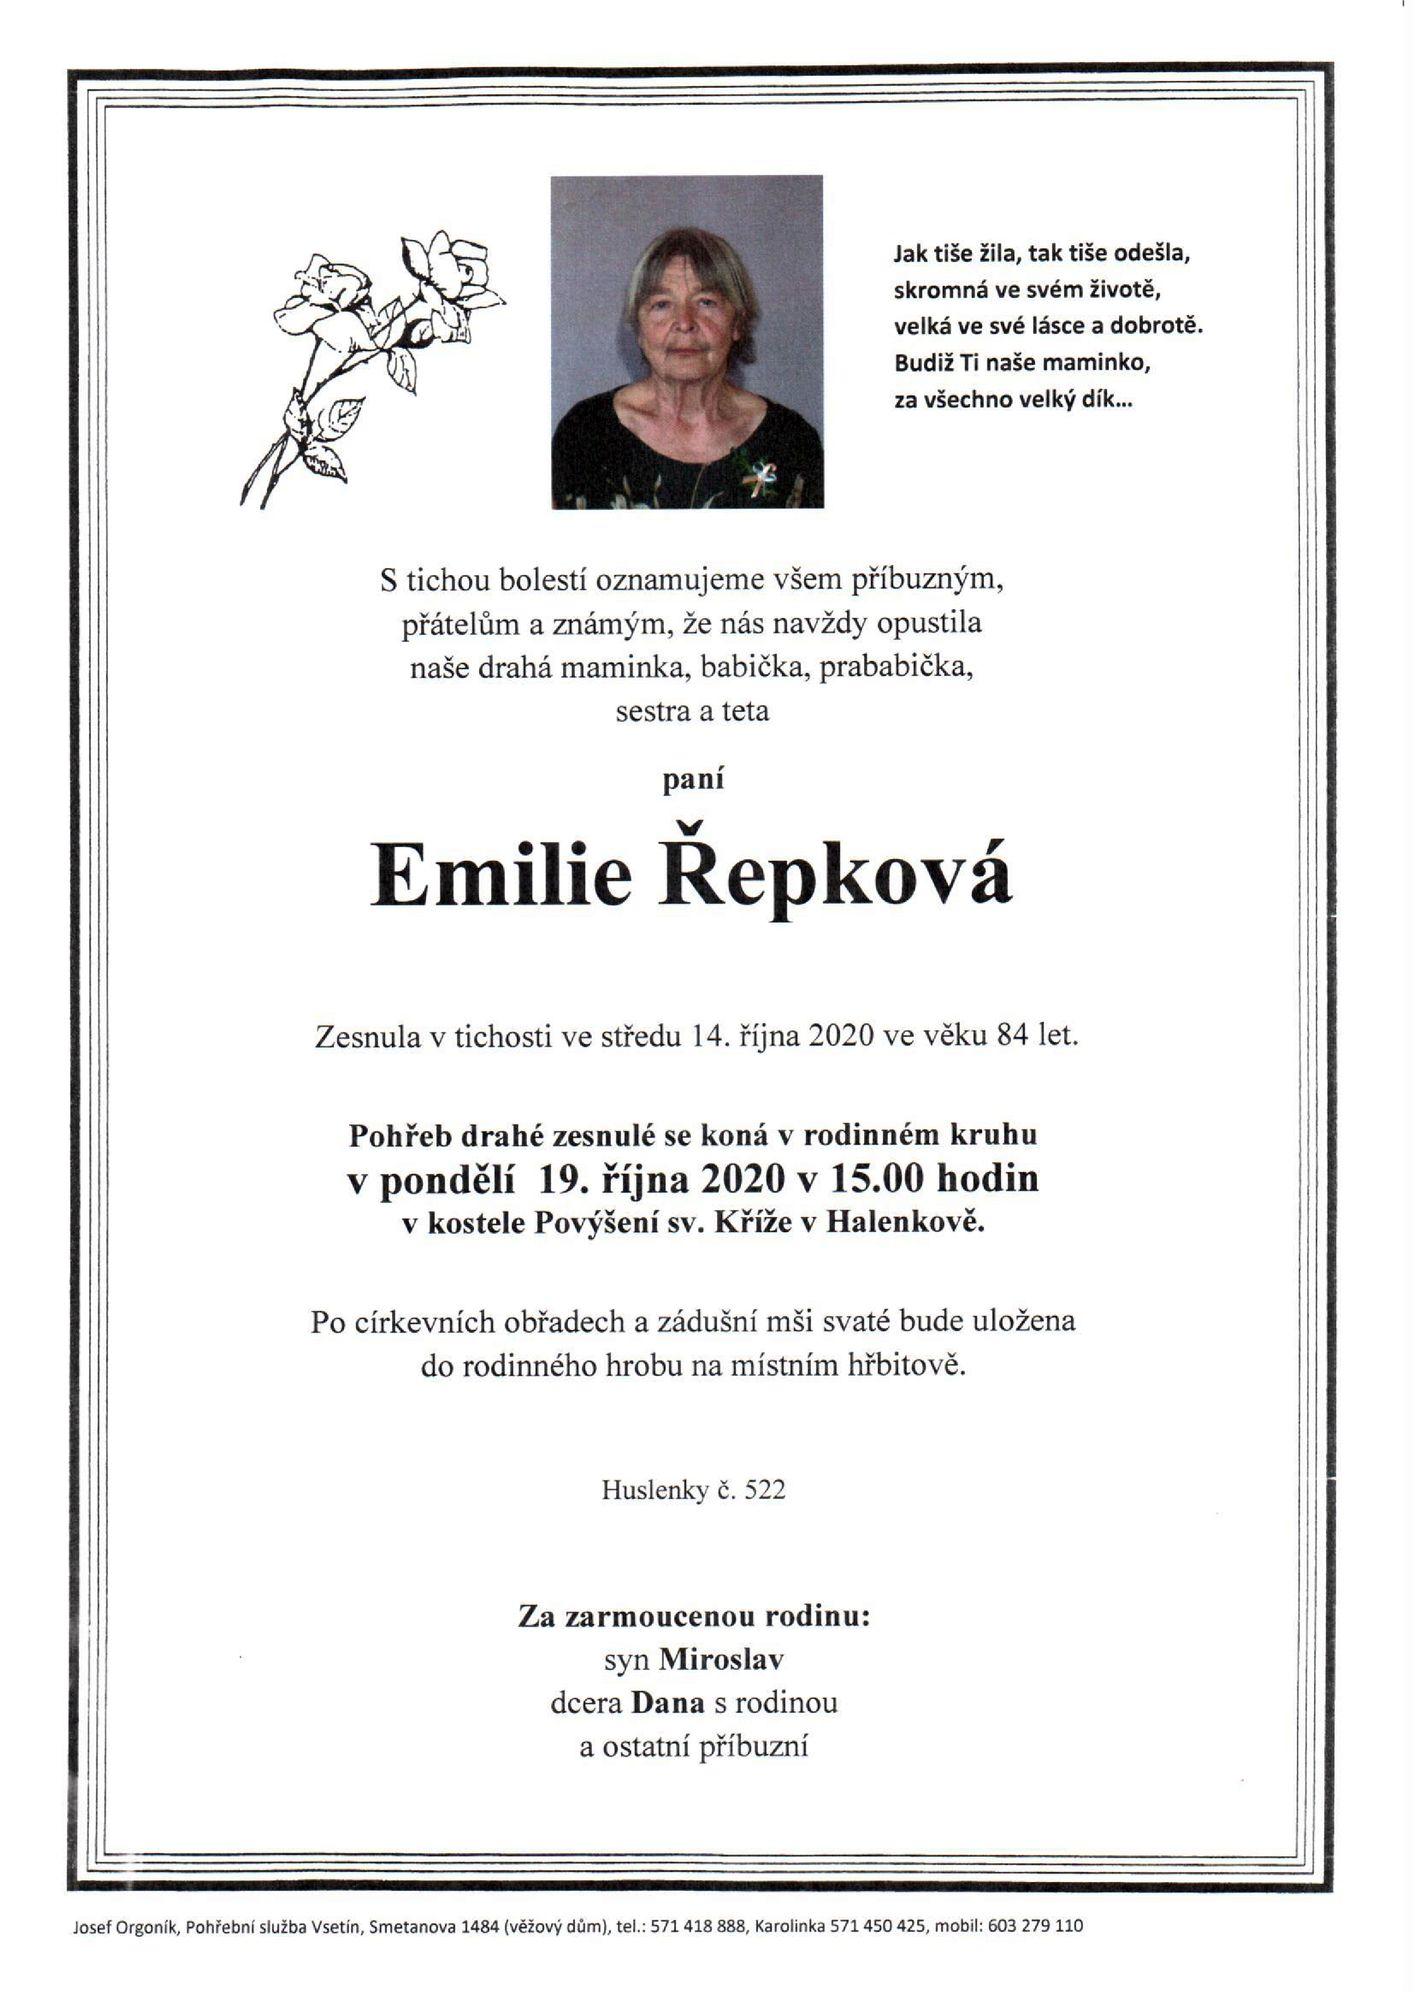 Emilie Řepková